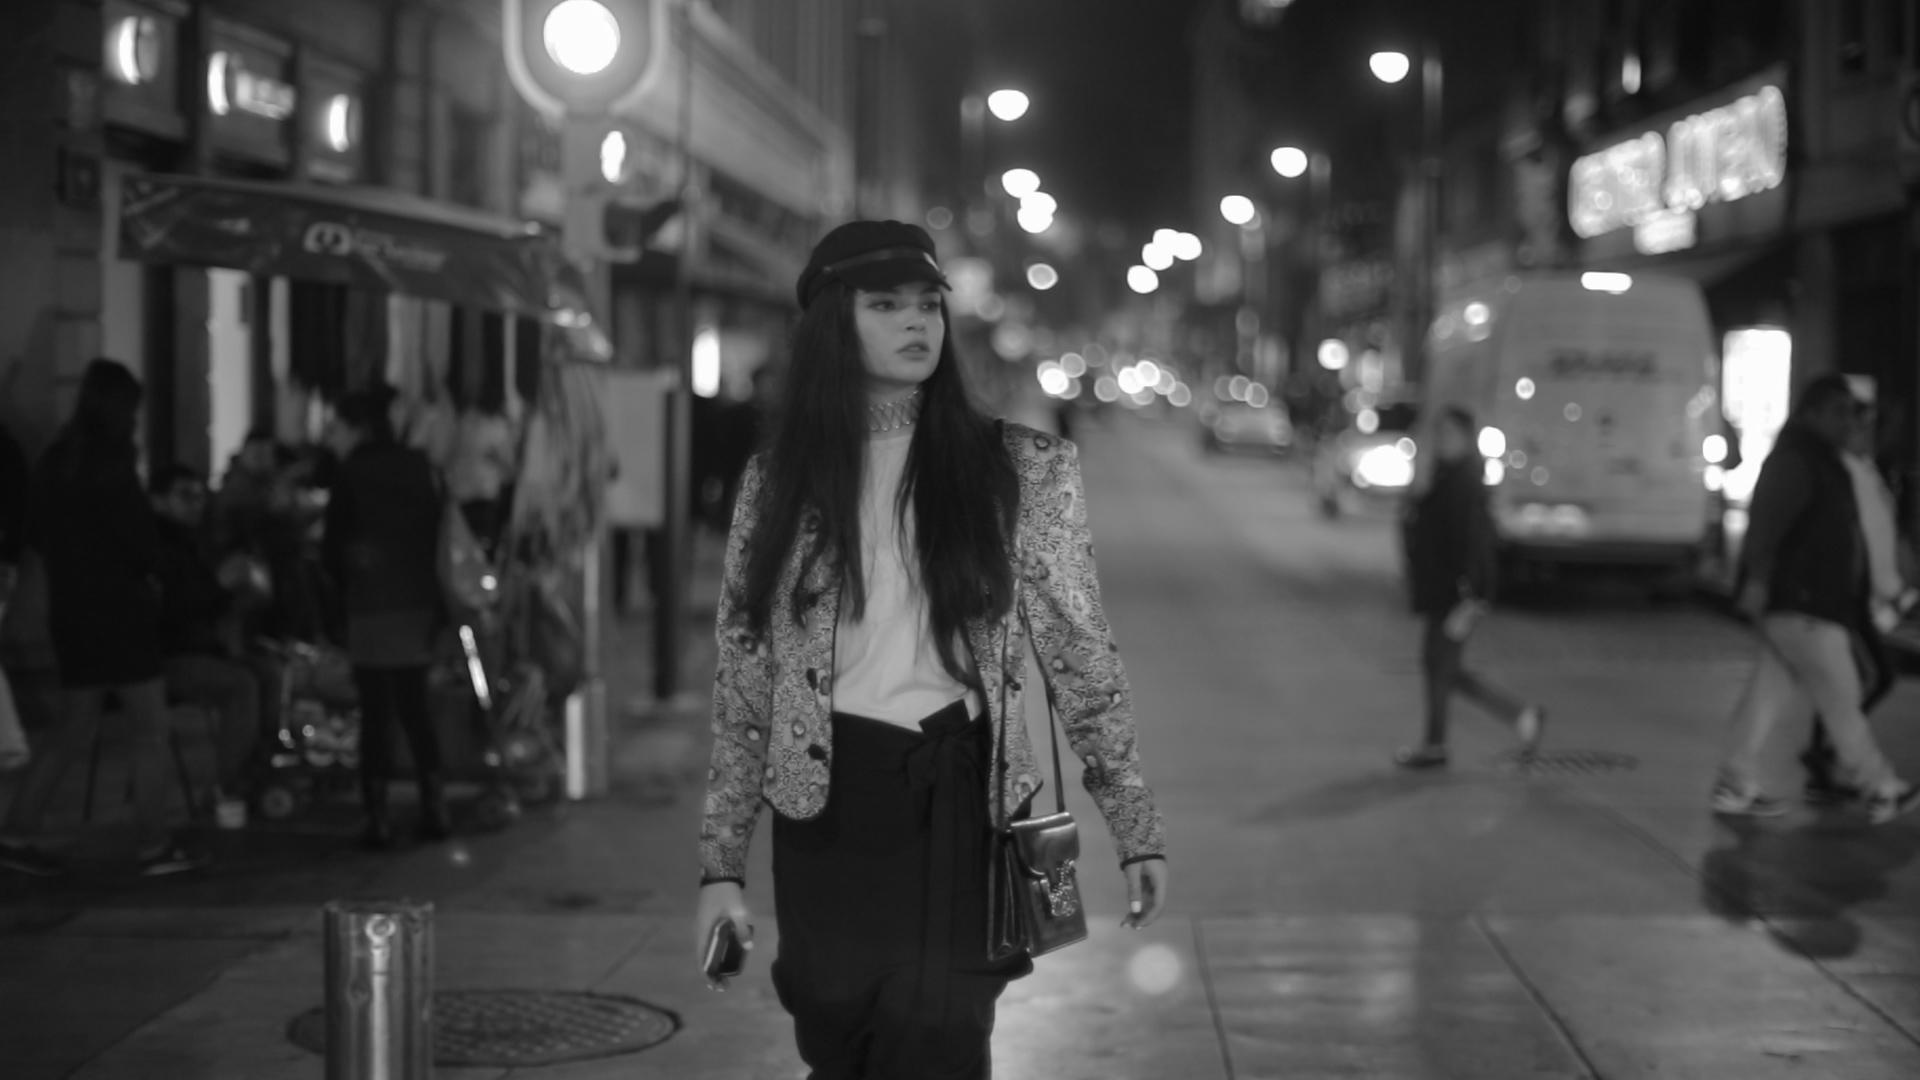 Fashion Film, Estilismo de Moda y Dirección Creativa: explora tu visión estética